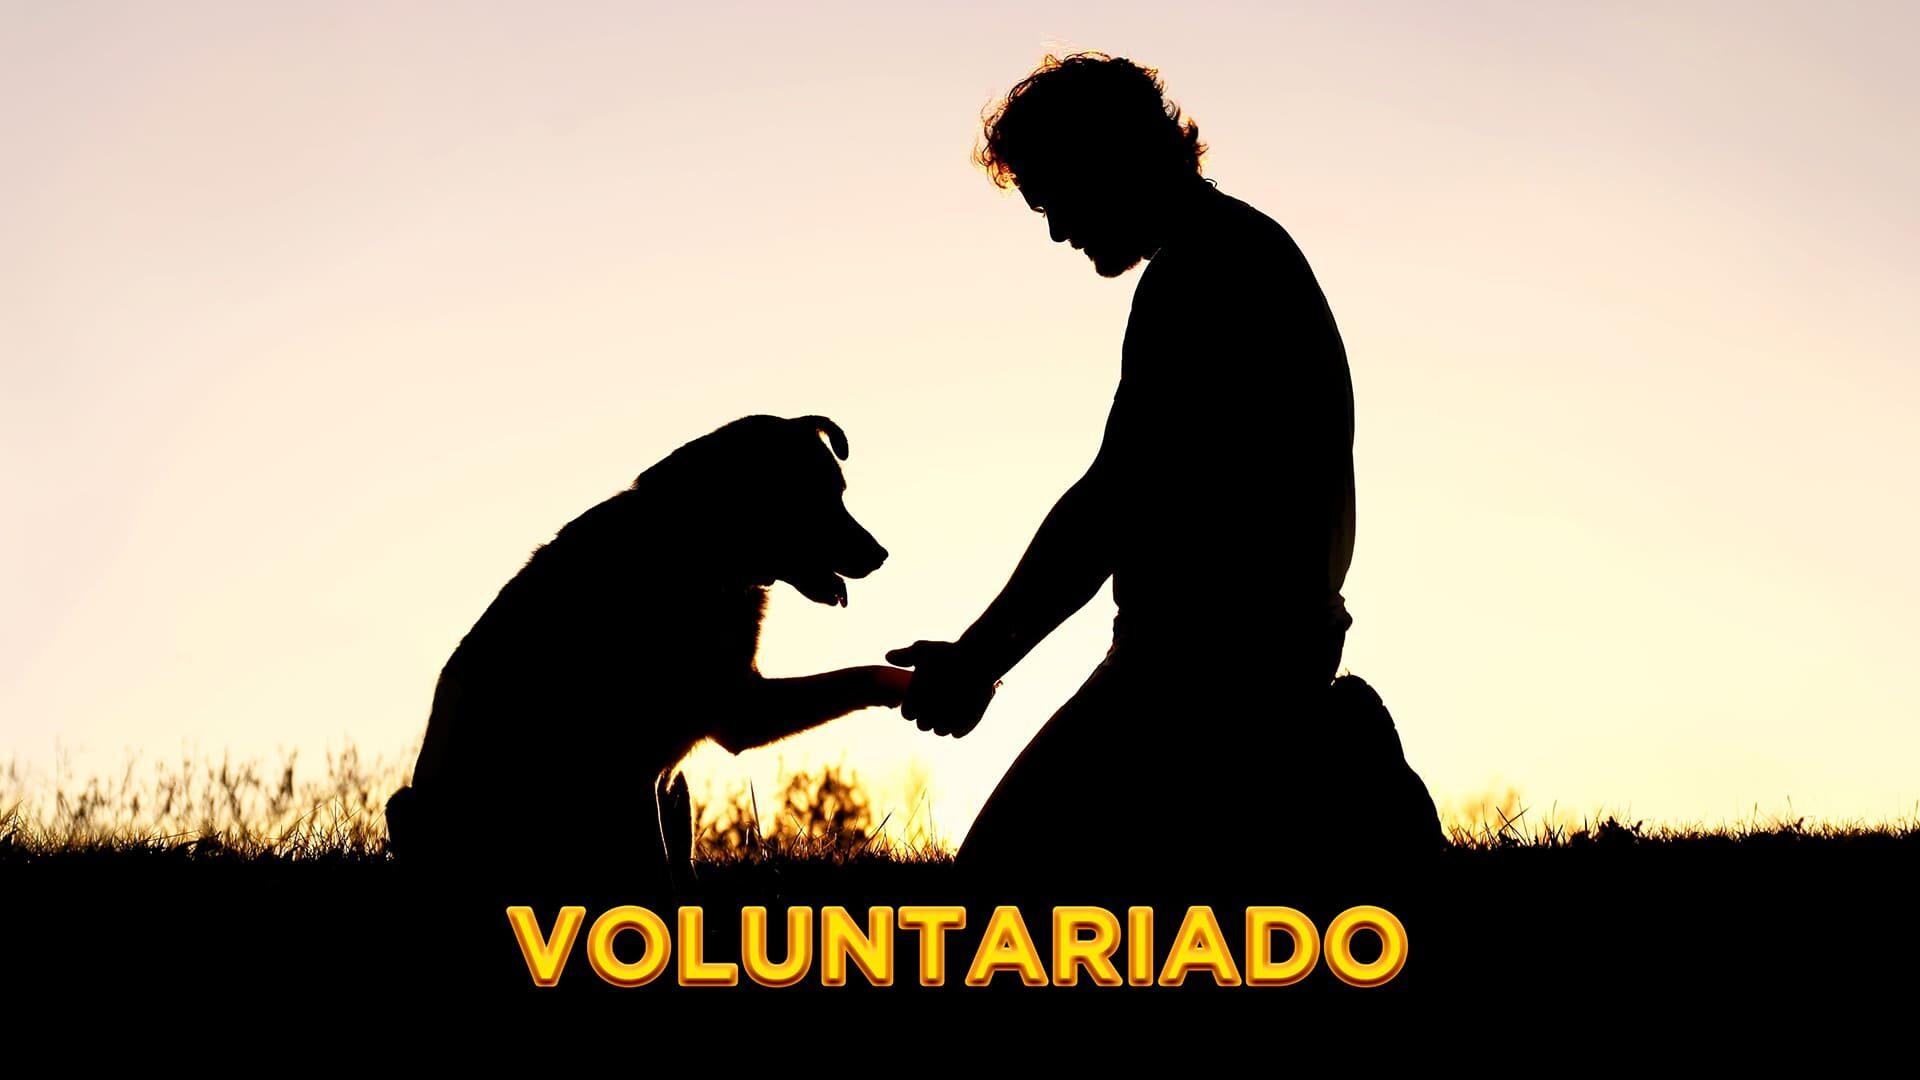 Silhueta de uma pessoa e um cão, ilustrando o Dia Nacional do Voluntariado 2021. Descrição detalhada na legenda.